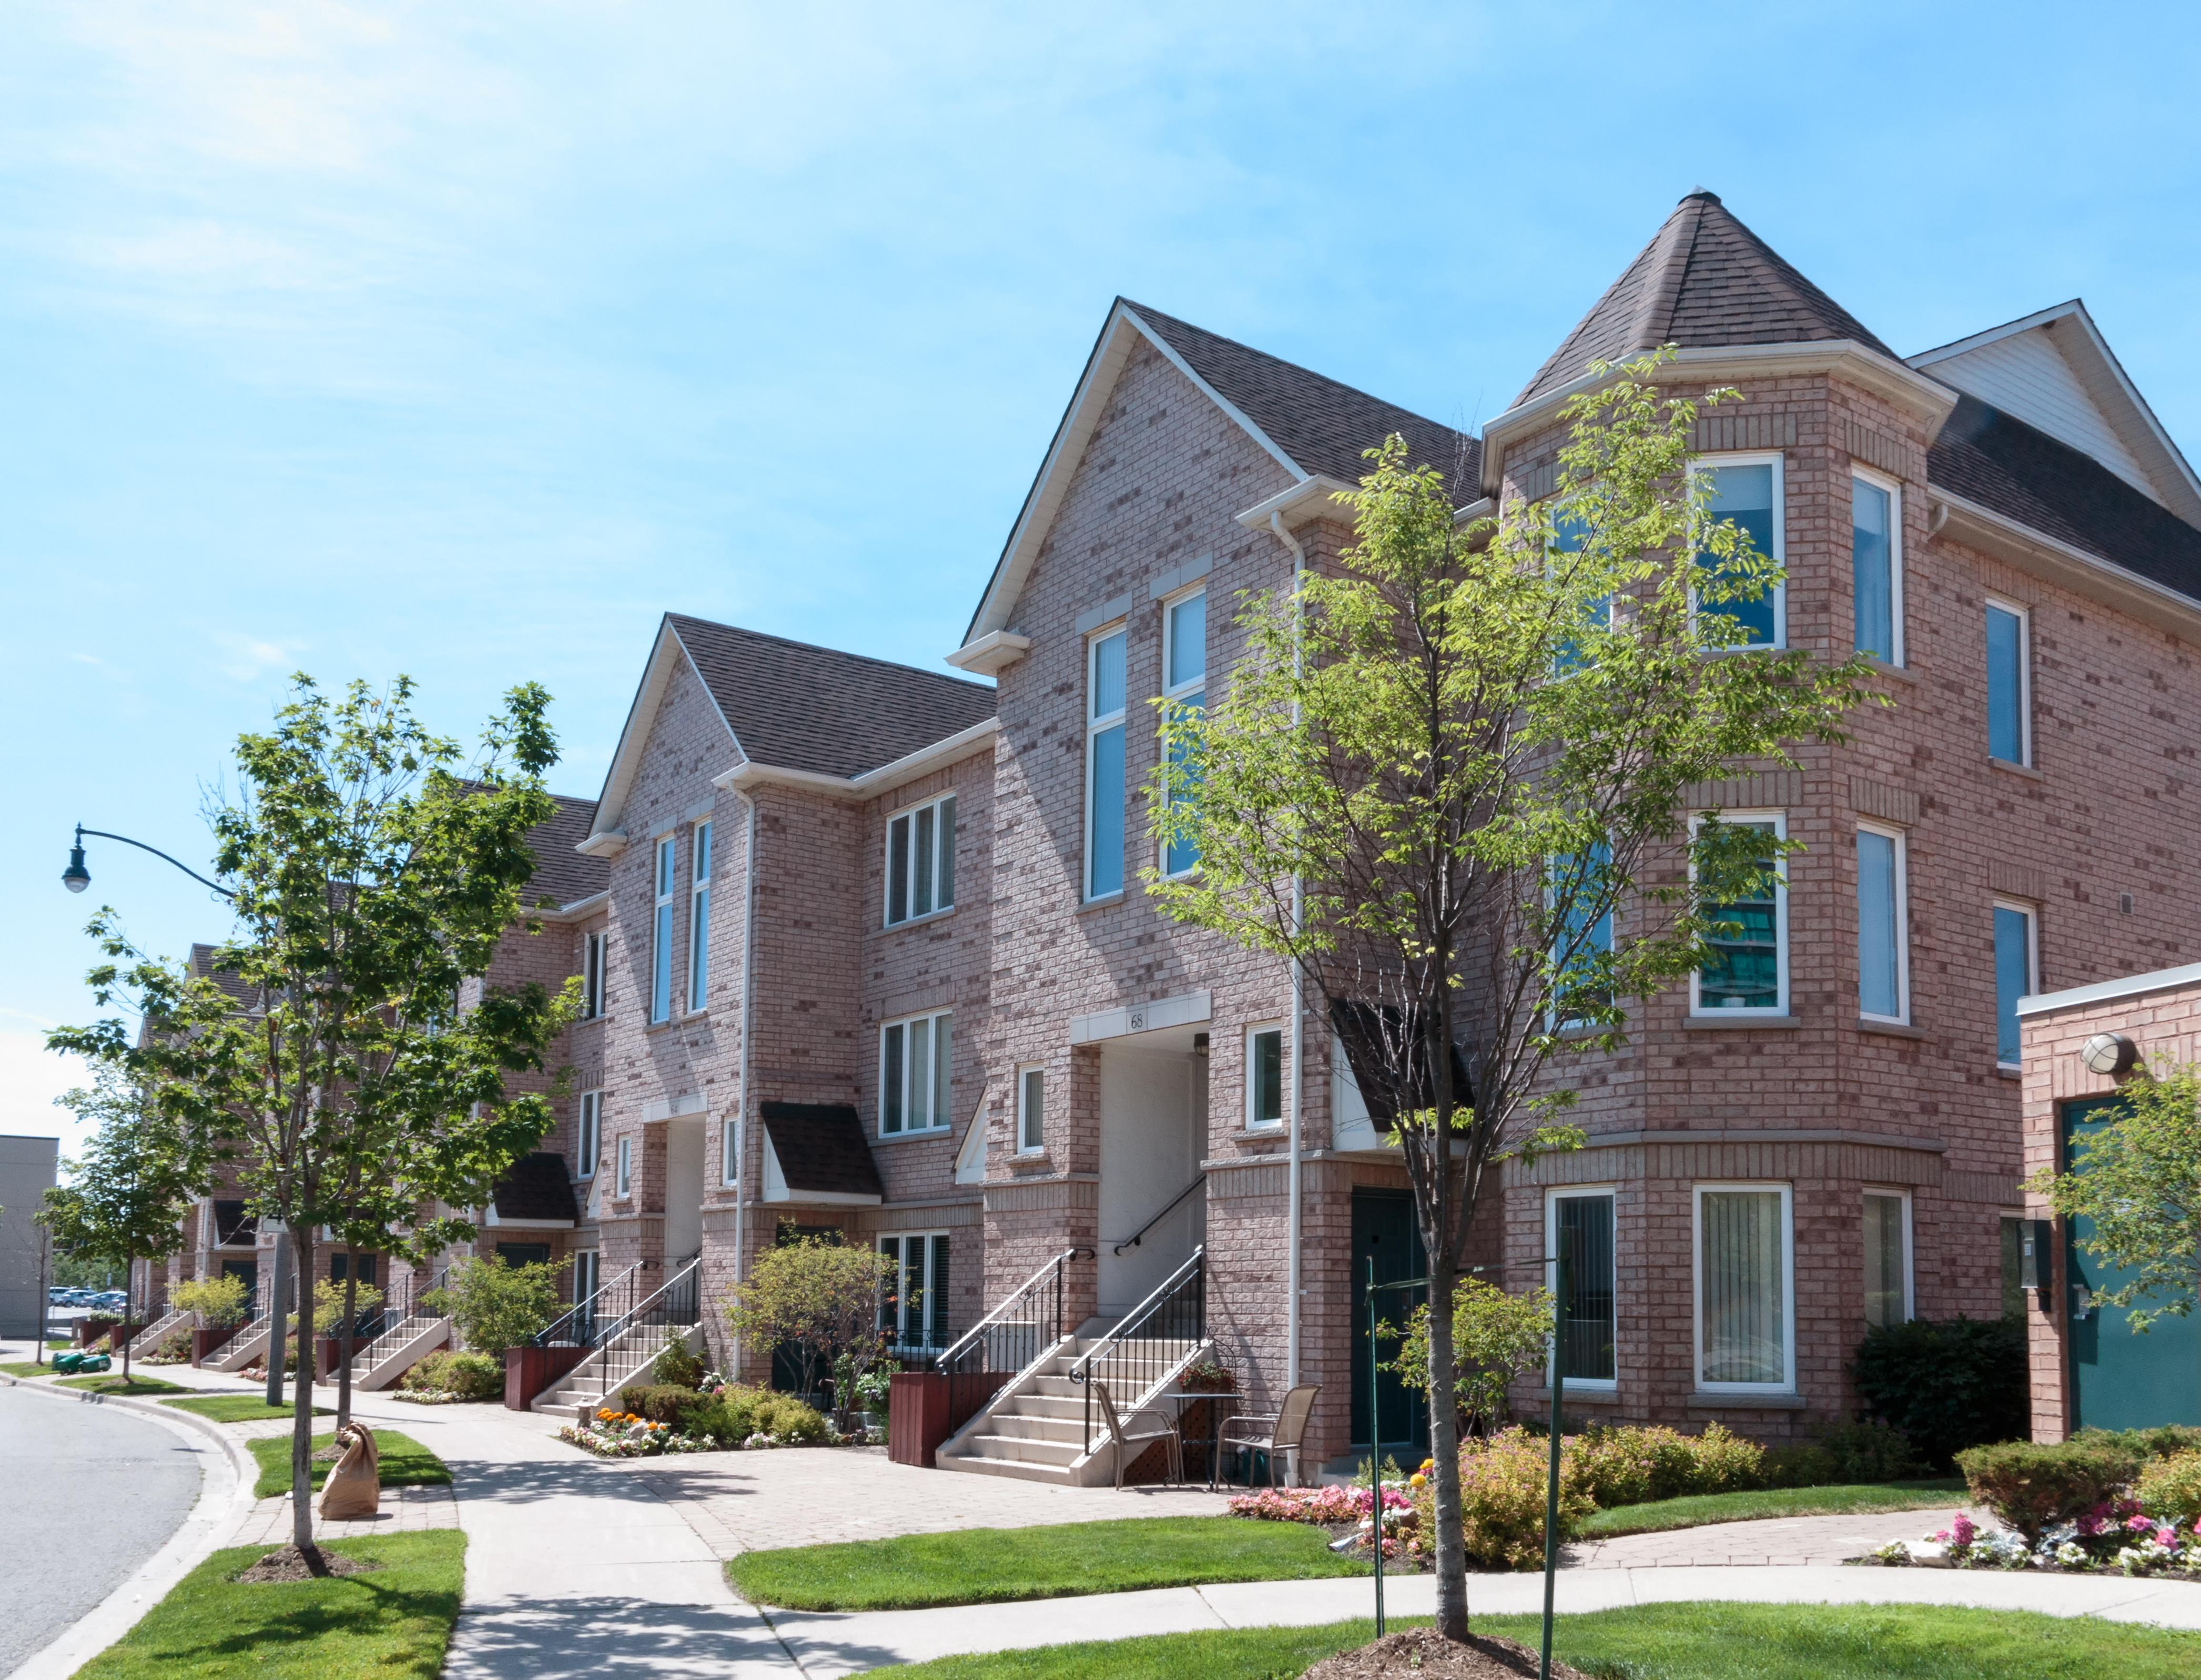 Family homes in residential neighborhood